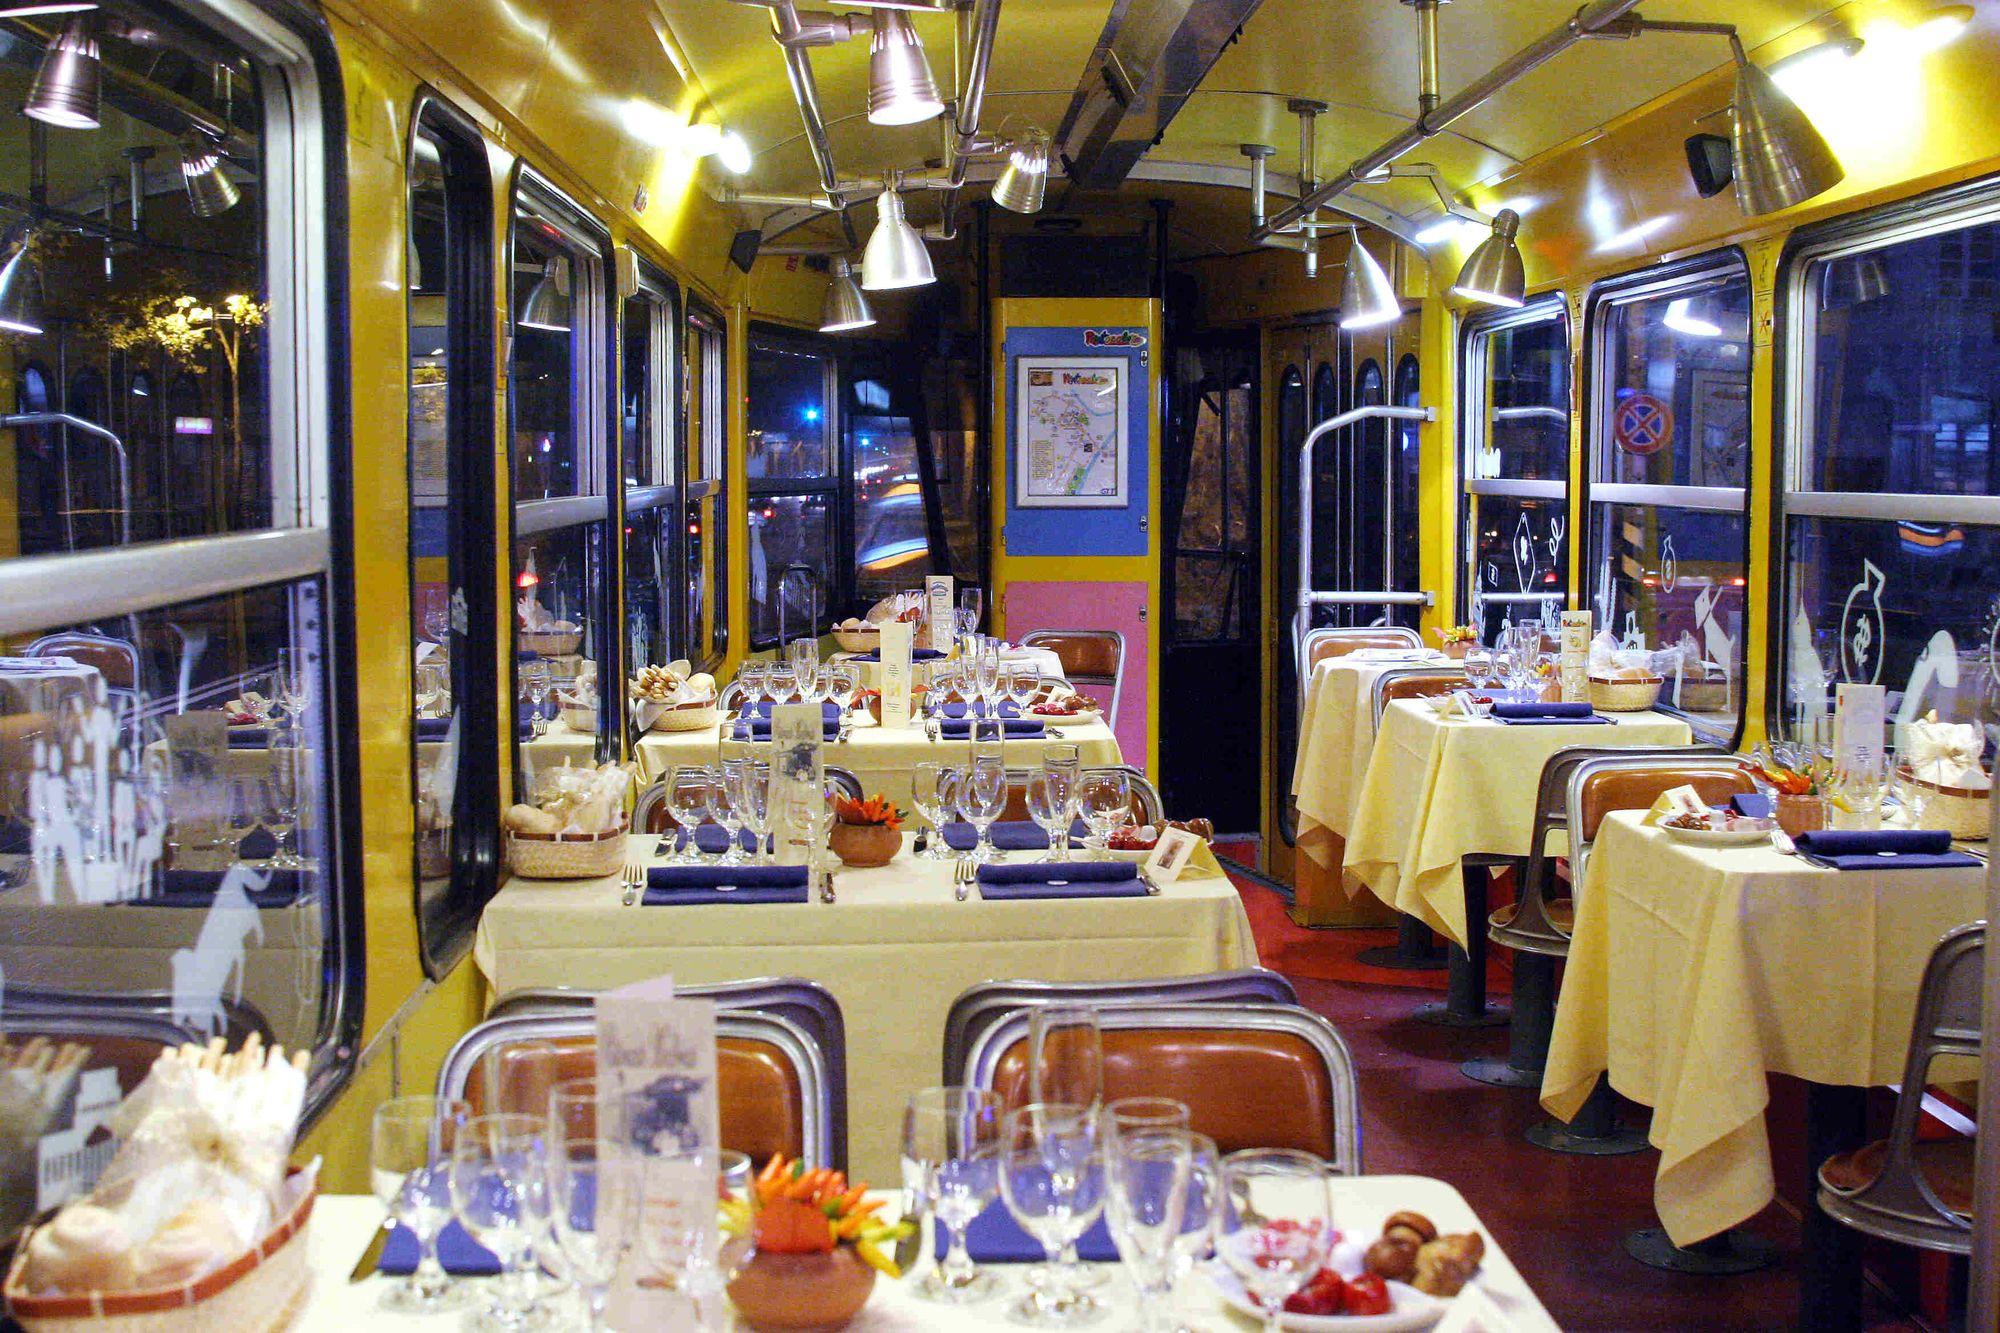 Festa della donna 8 marzo con cene e aperitivi a roma for Tara ristorante milano